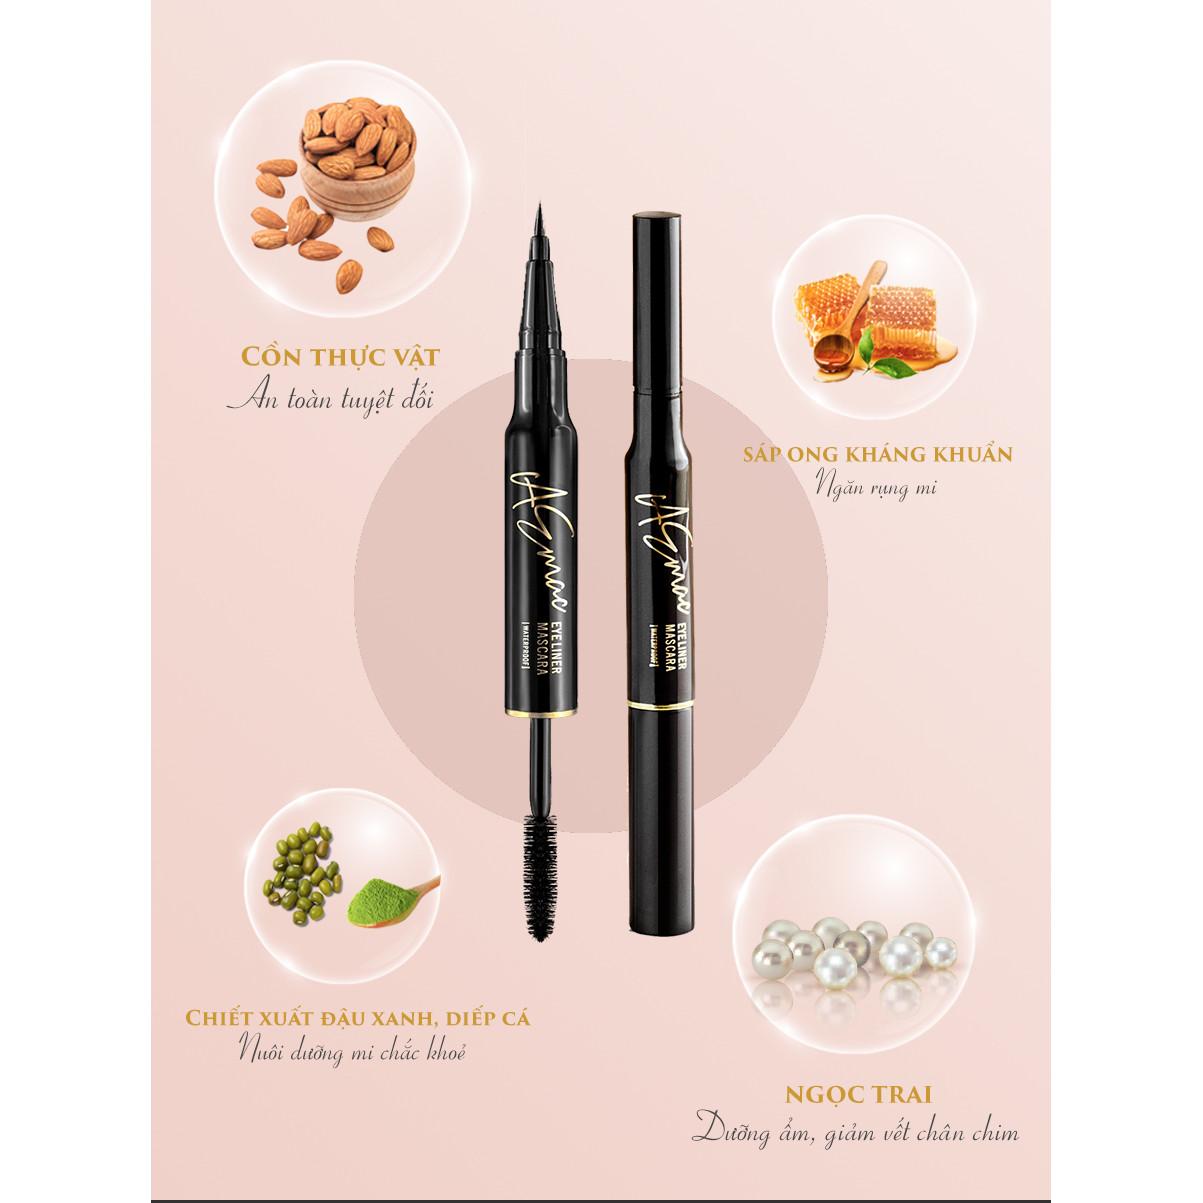 Chì Kẻ Mắt Và Mascara Tích Hợp Thông Minh 2 Trong 1 - AEMAC Mascara & Eye Liner